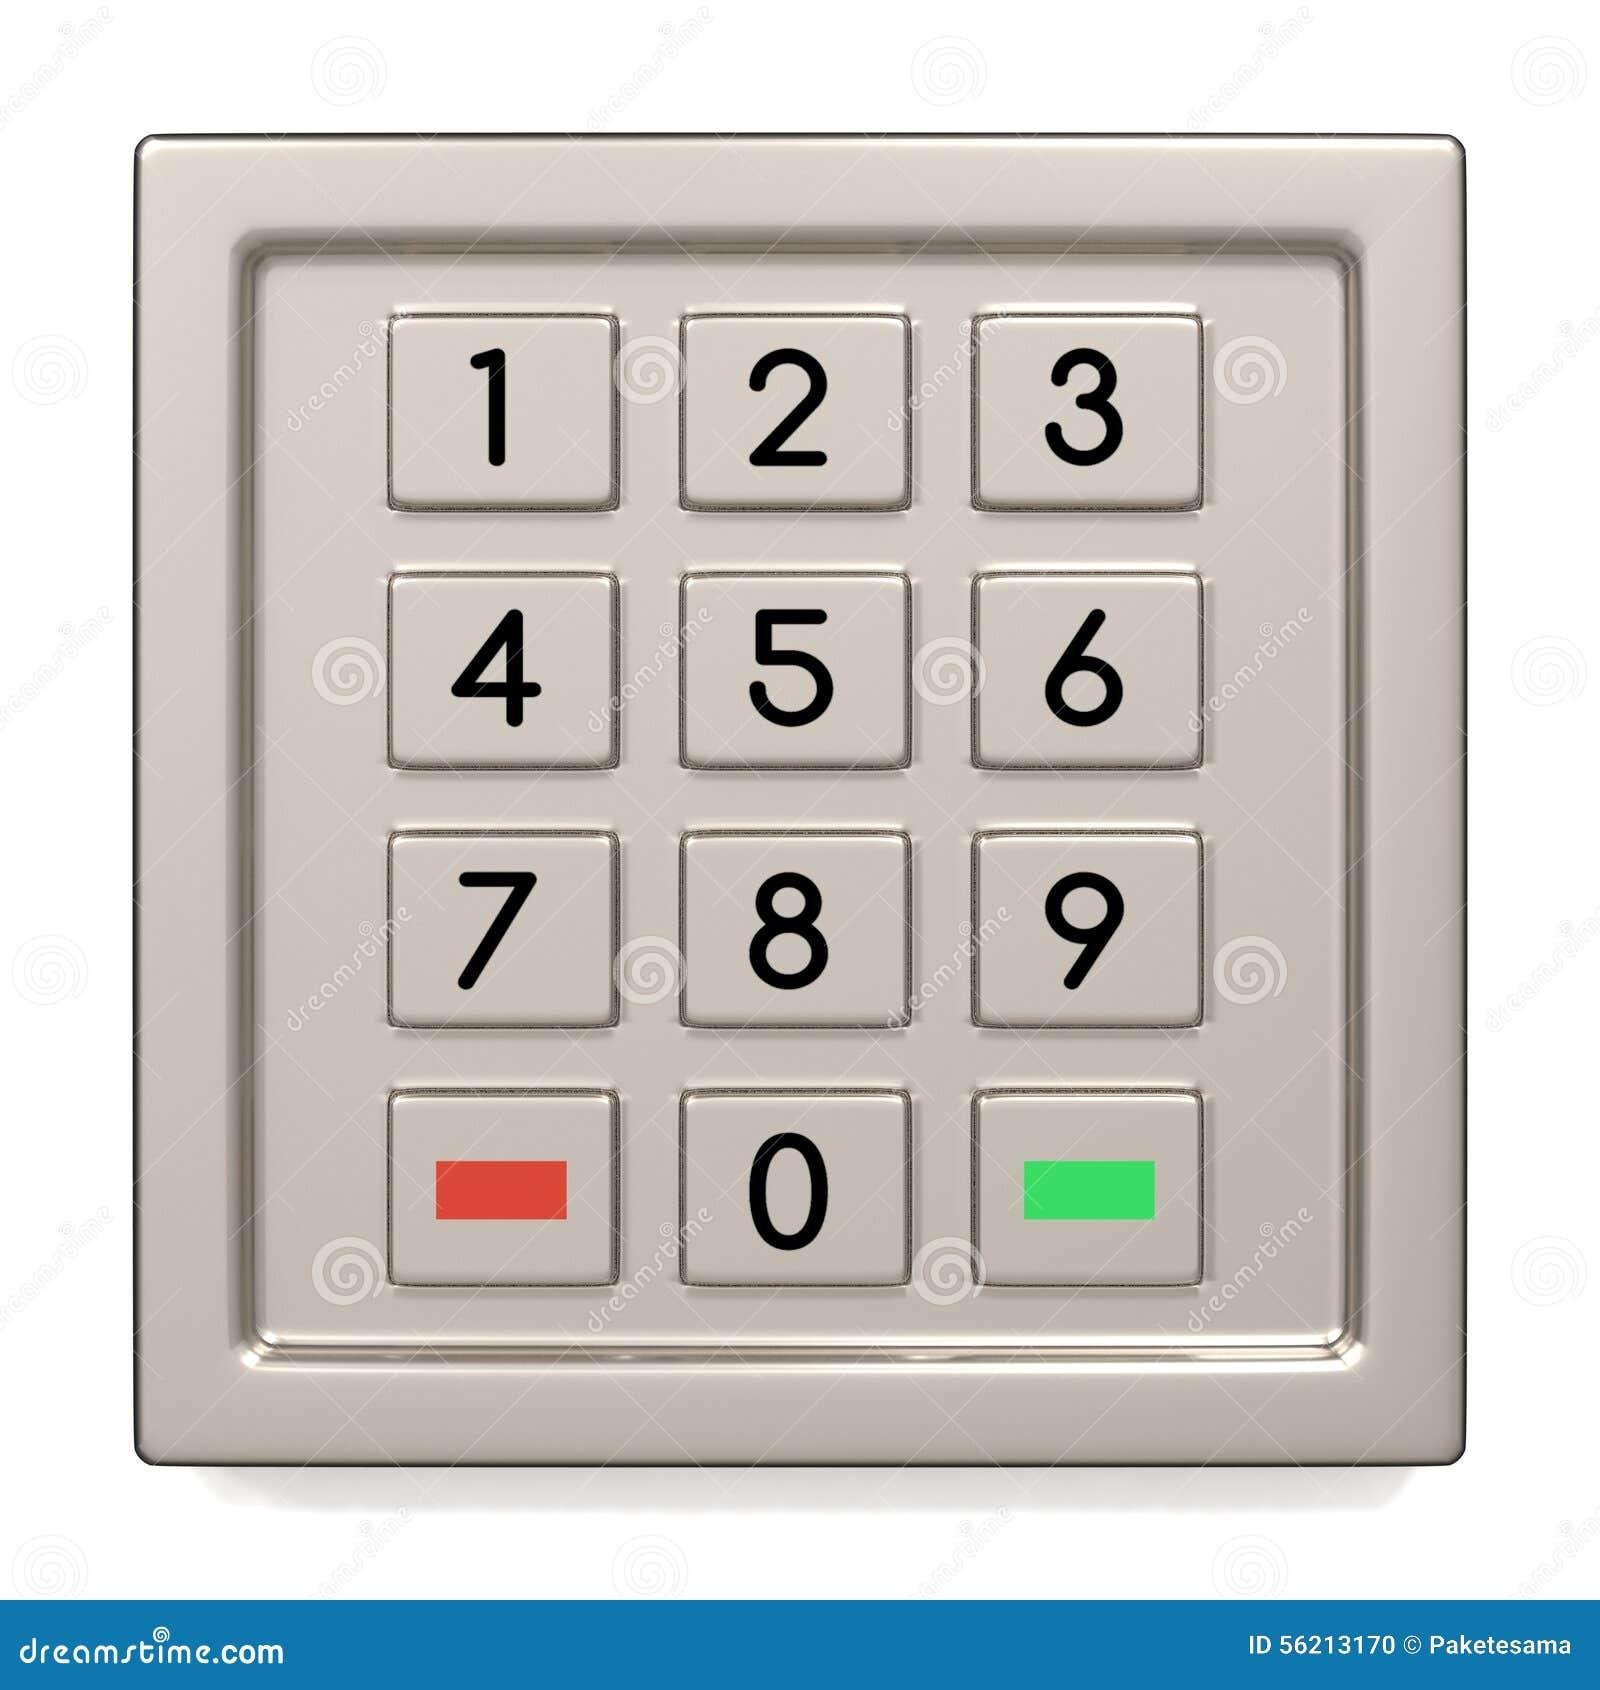 atm machine keypad stock illustration image of code 56213170. Black Bedroom Furniture Sets. Home Design Ideas